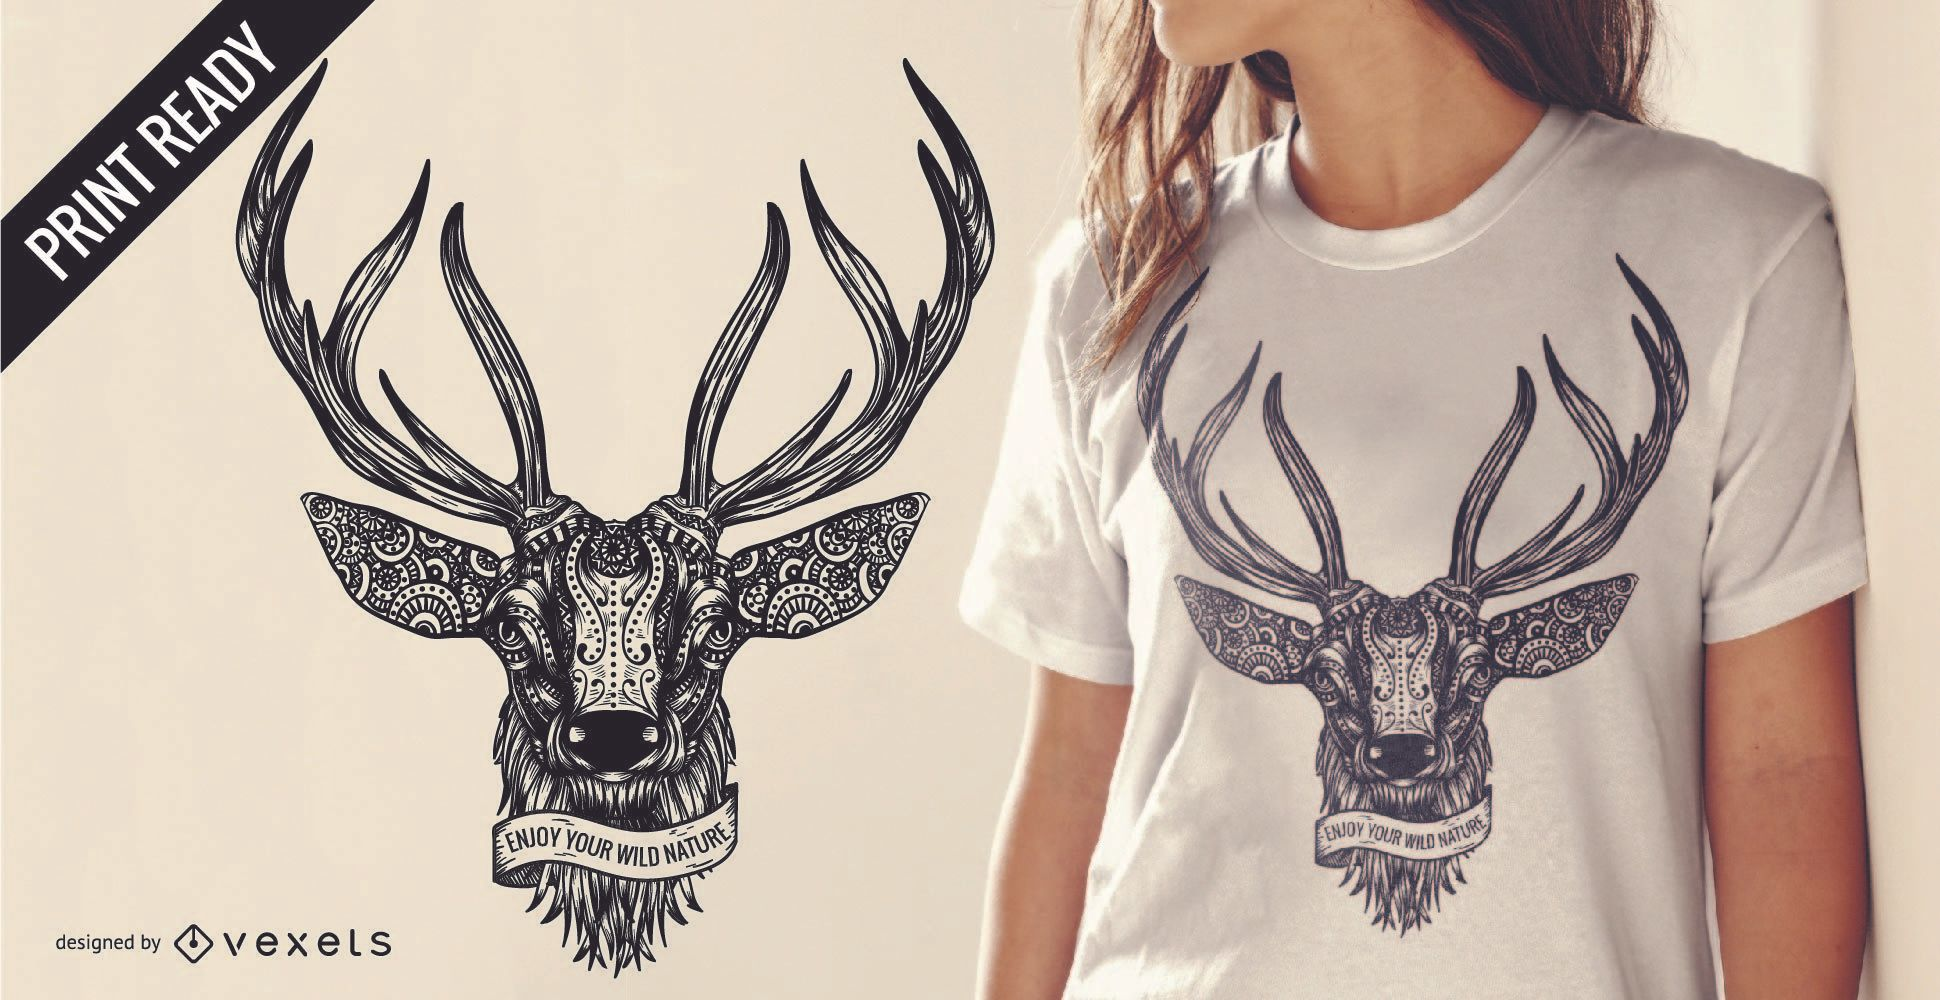 Desenho de t-shirt com ilustração de cervos com texto